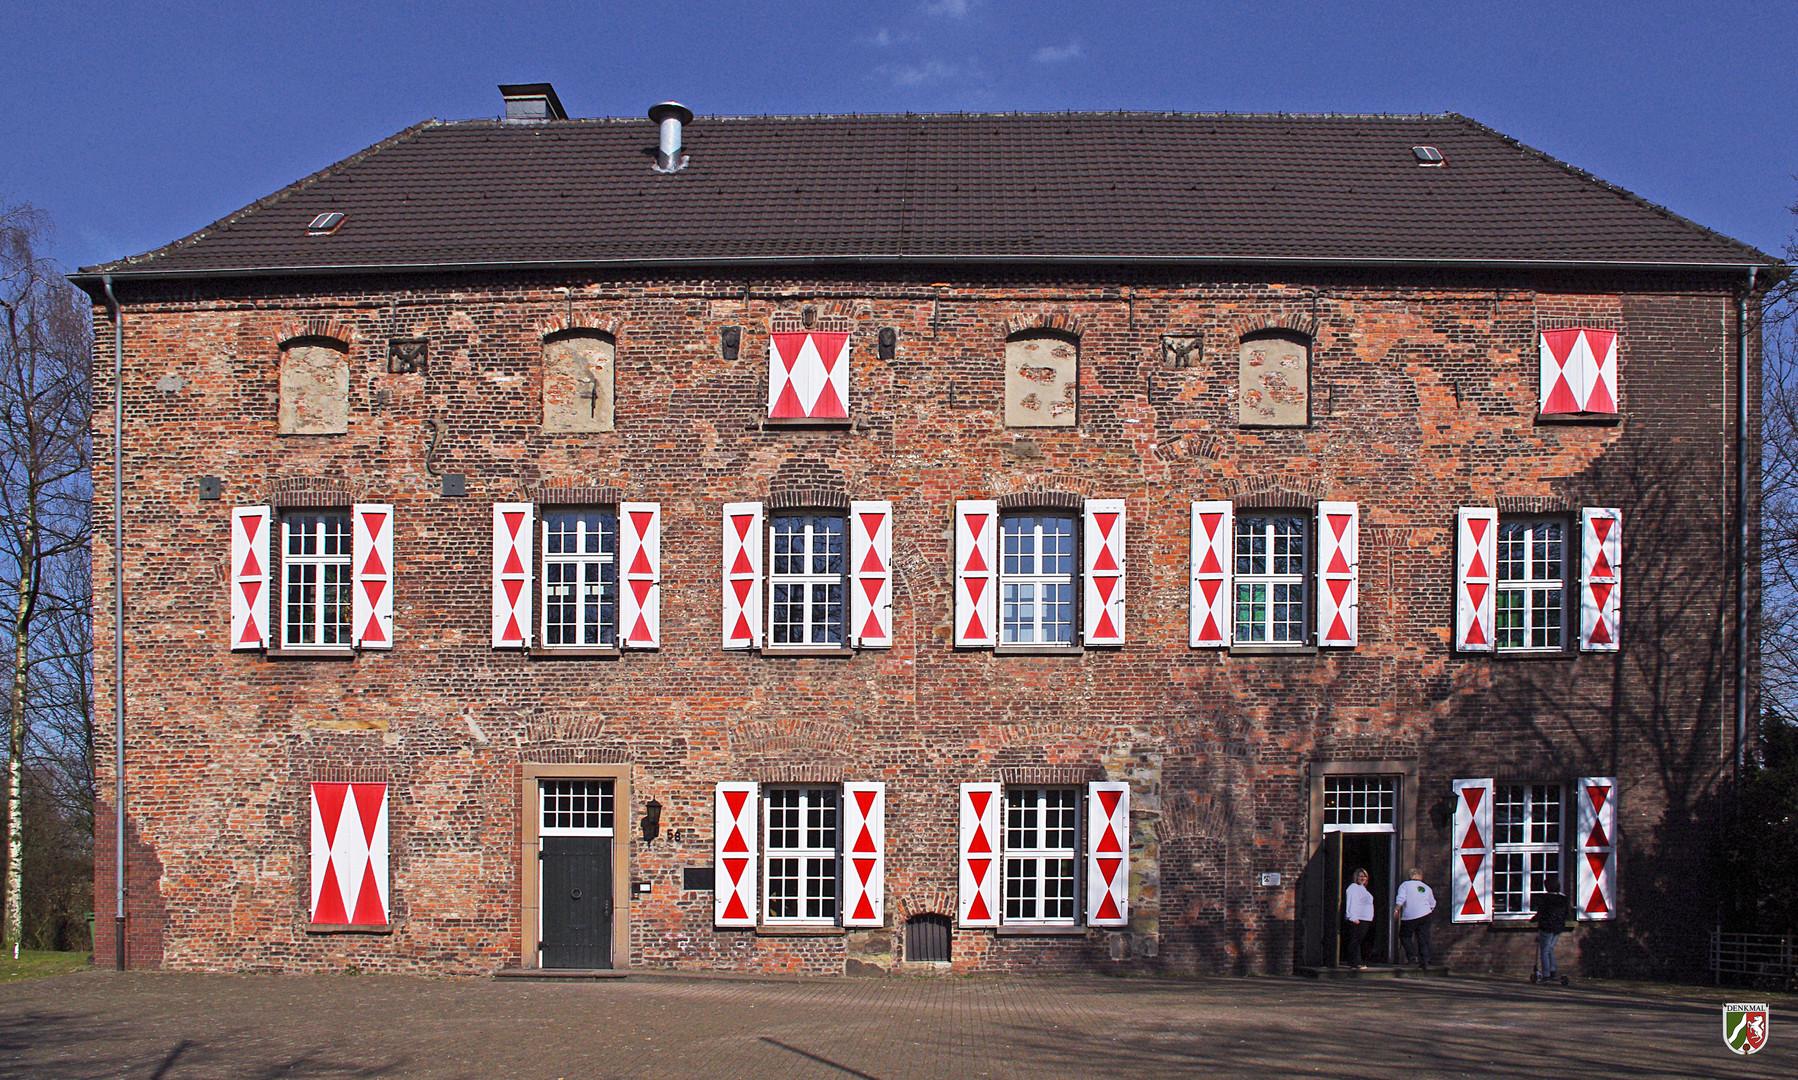 querbeet Oberhausen # 2